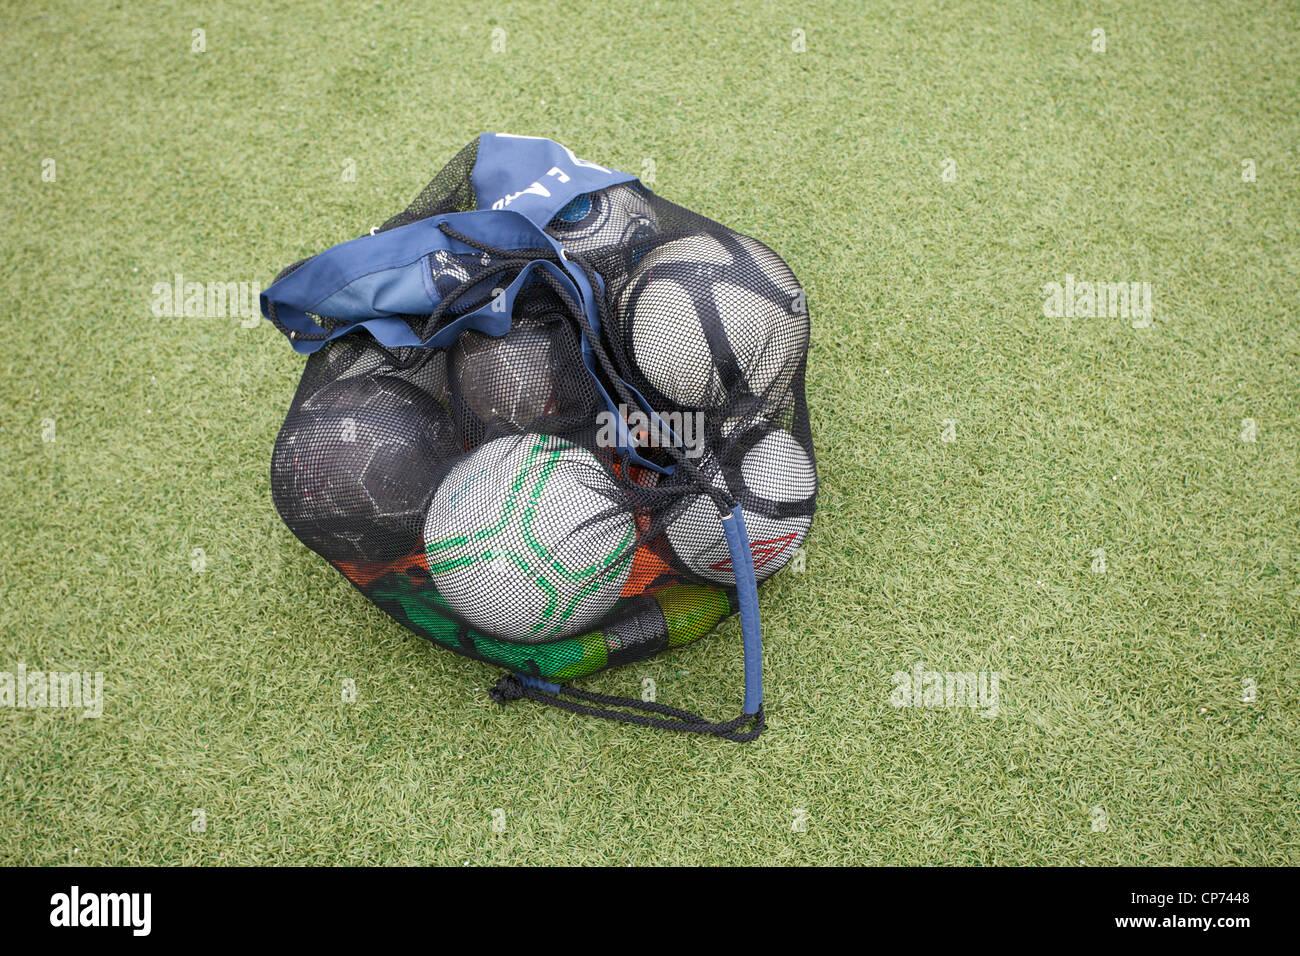 Un sac de ballons de football/soccer balls sur le terrain d'entraînement. Banque D'Images